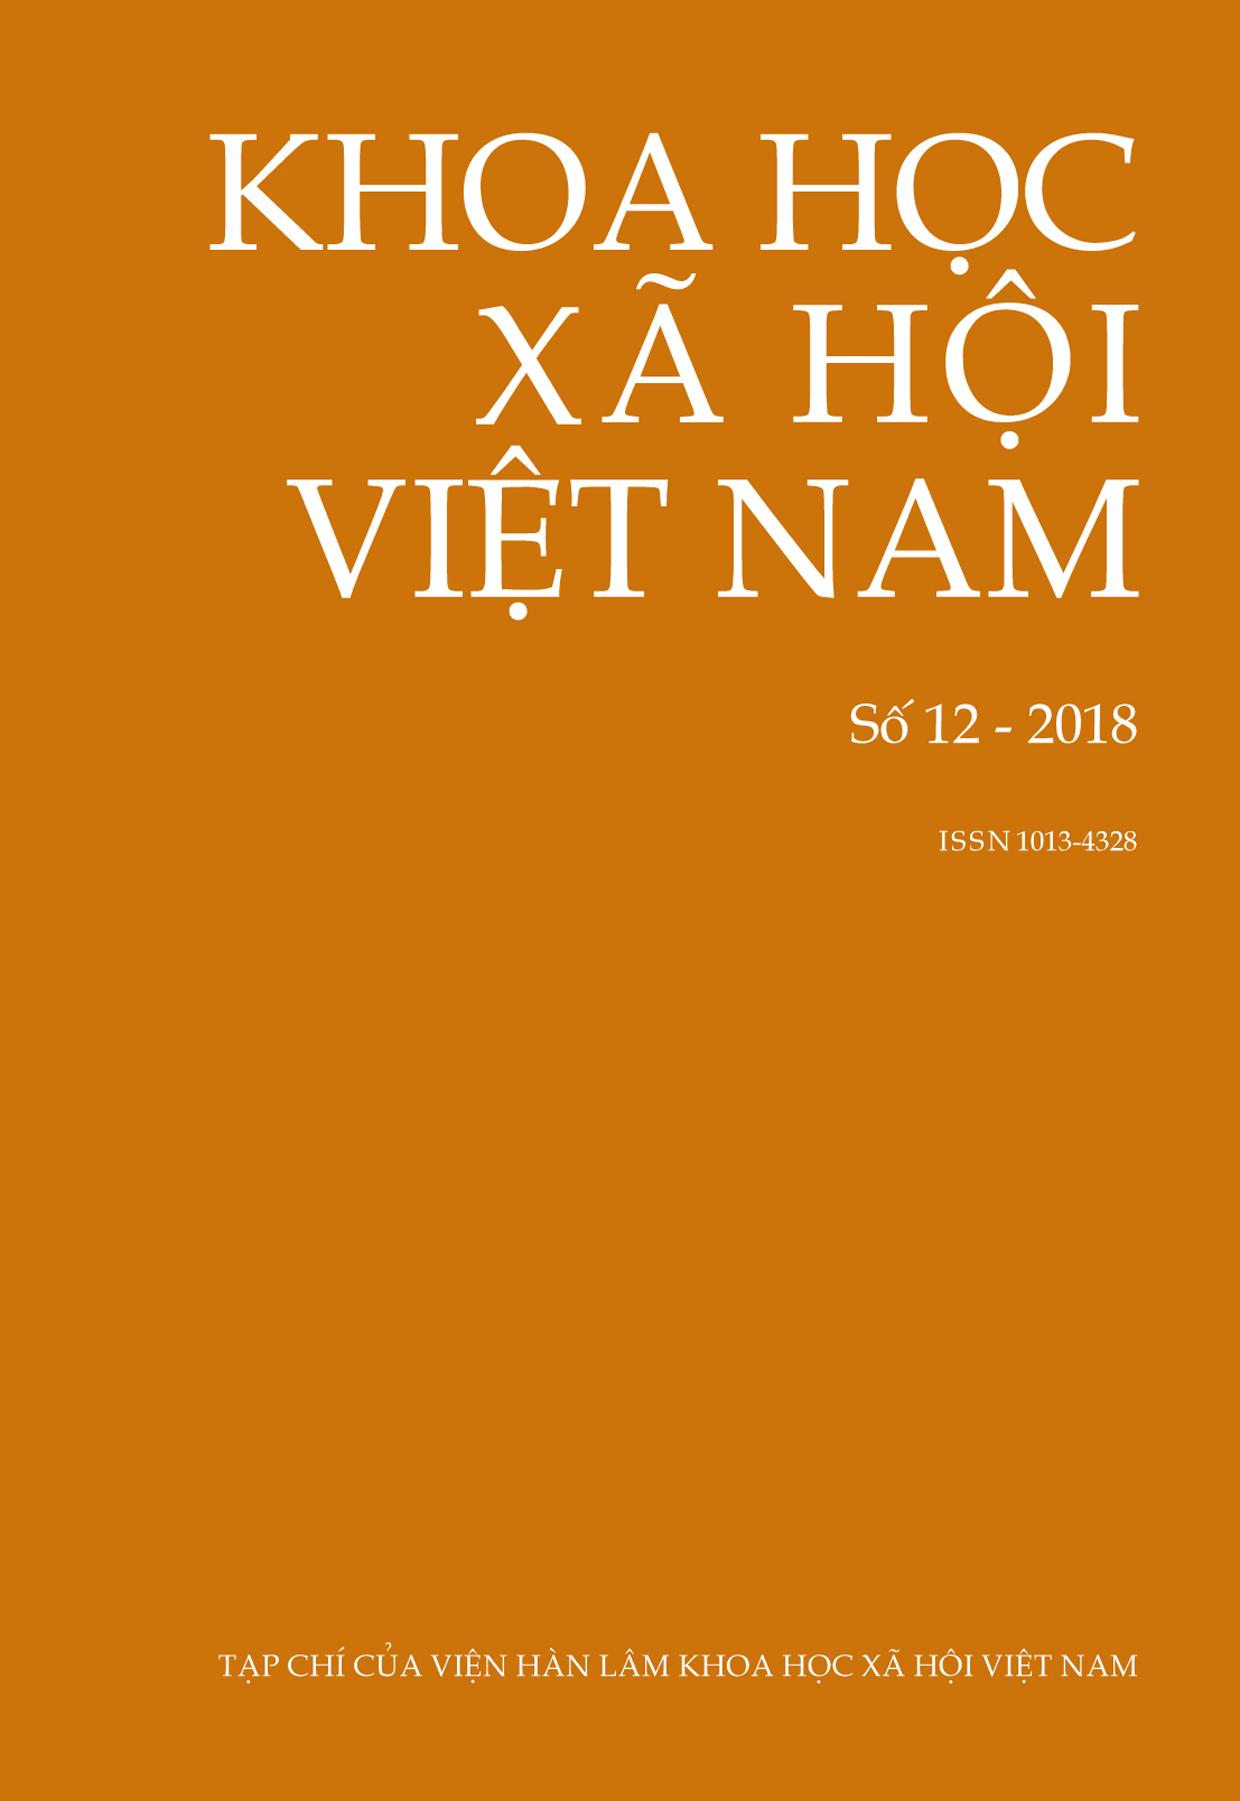 Khoa học xã hội Việt Nam. Số 12 - 2018